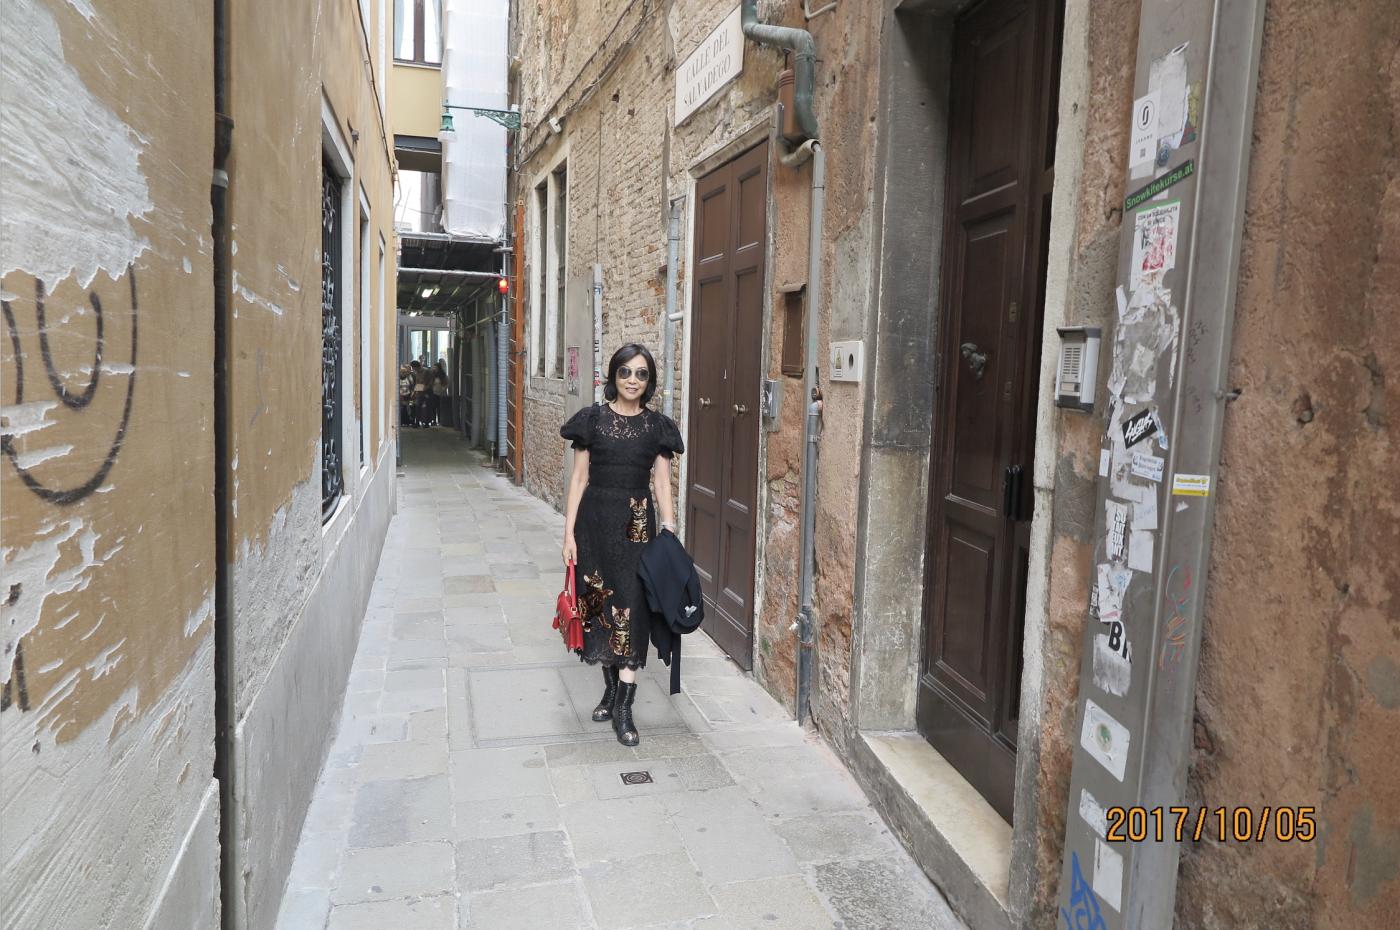 水乡威尼斯:无限的魅力永久的回忆_图1-25